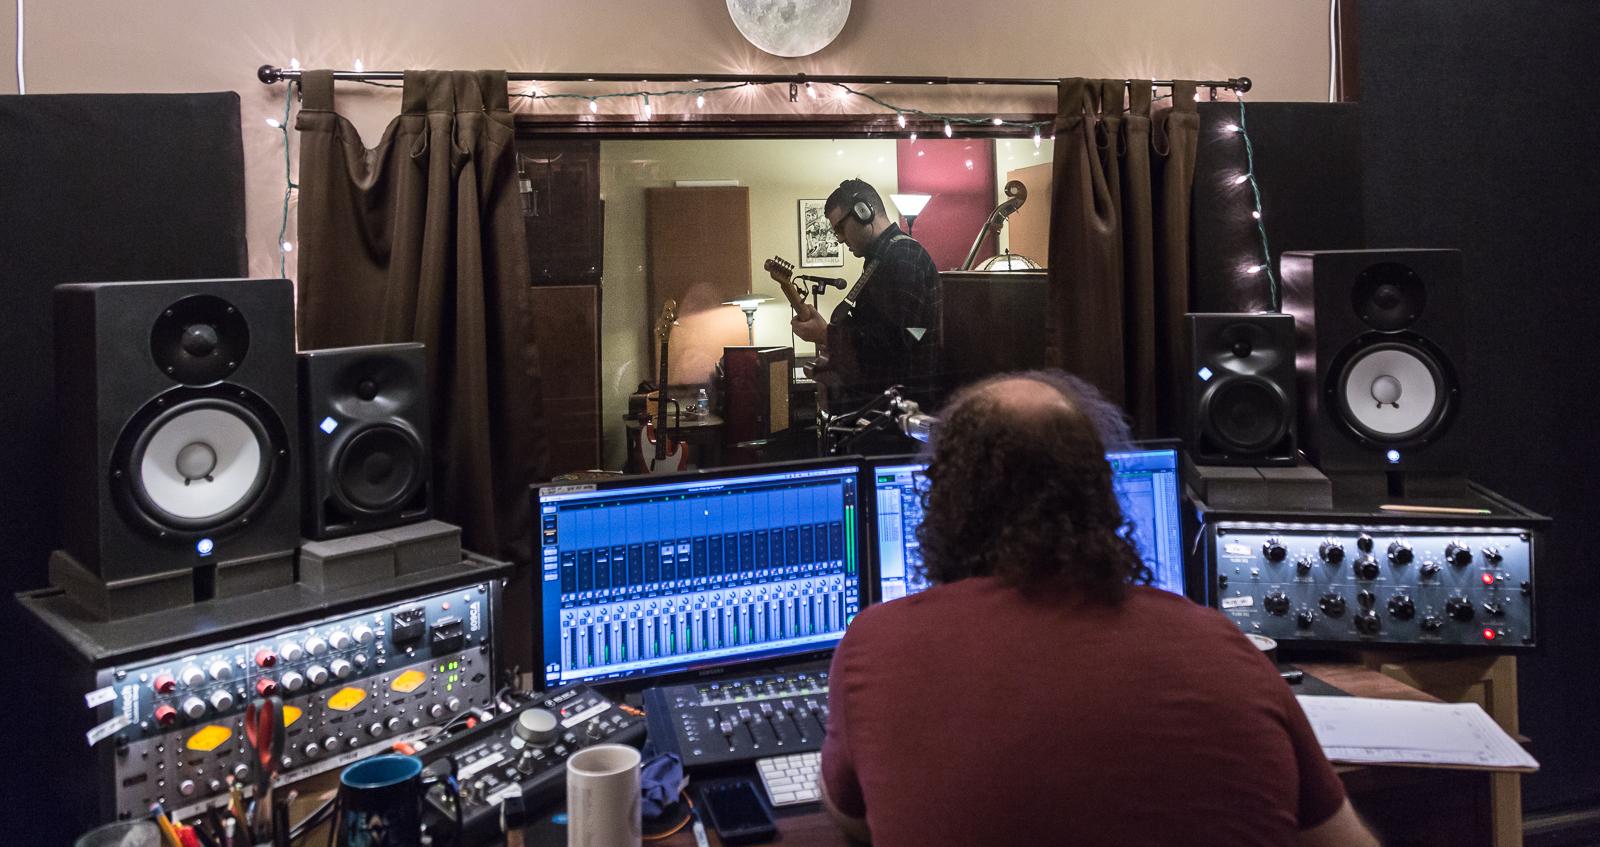 Ian recording Ryan